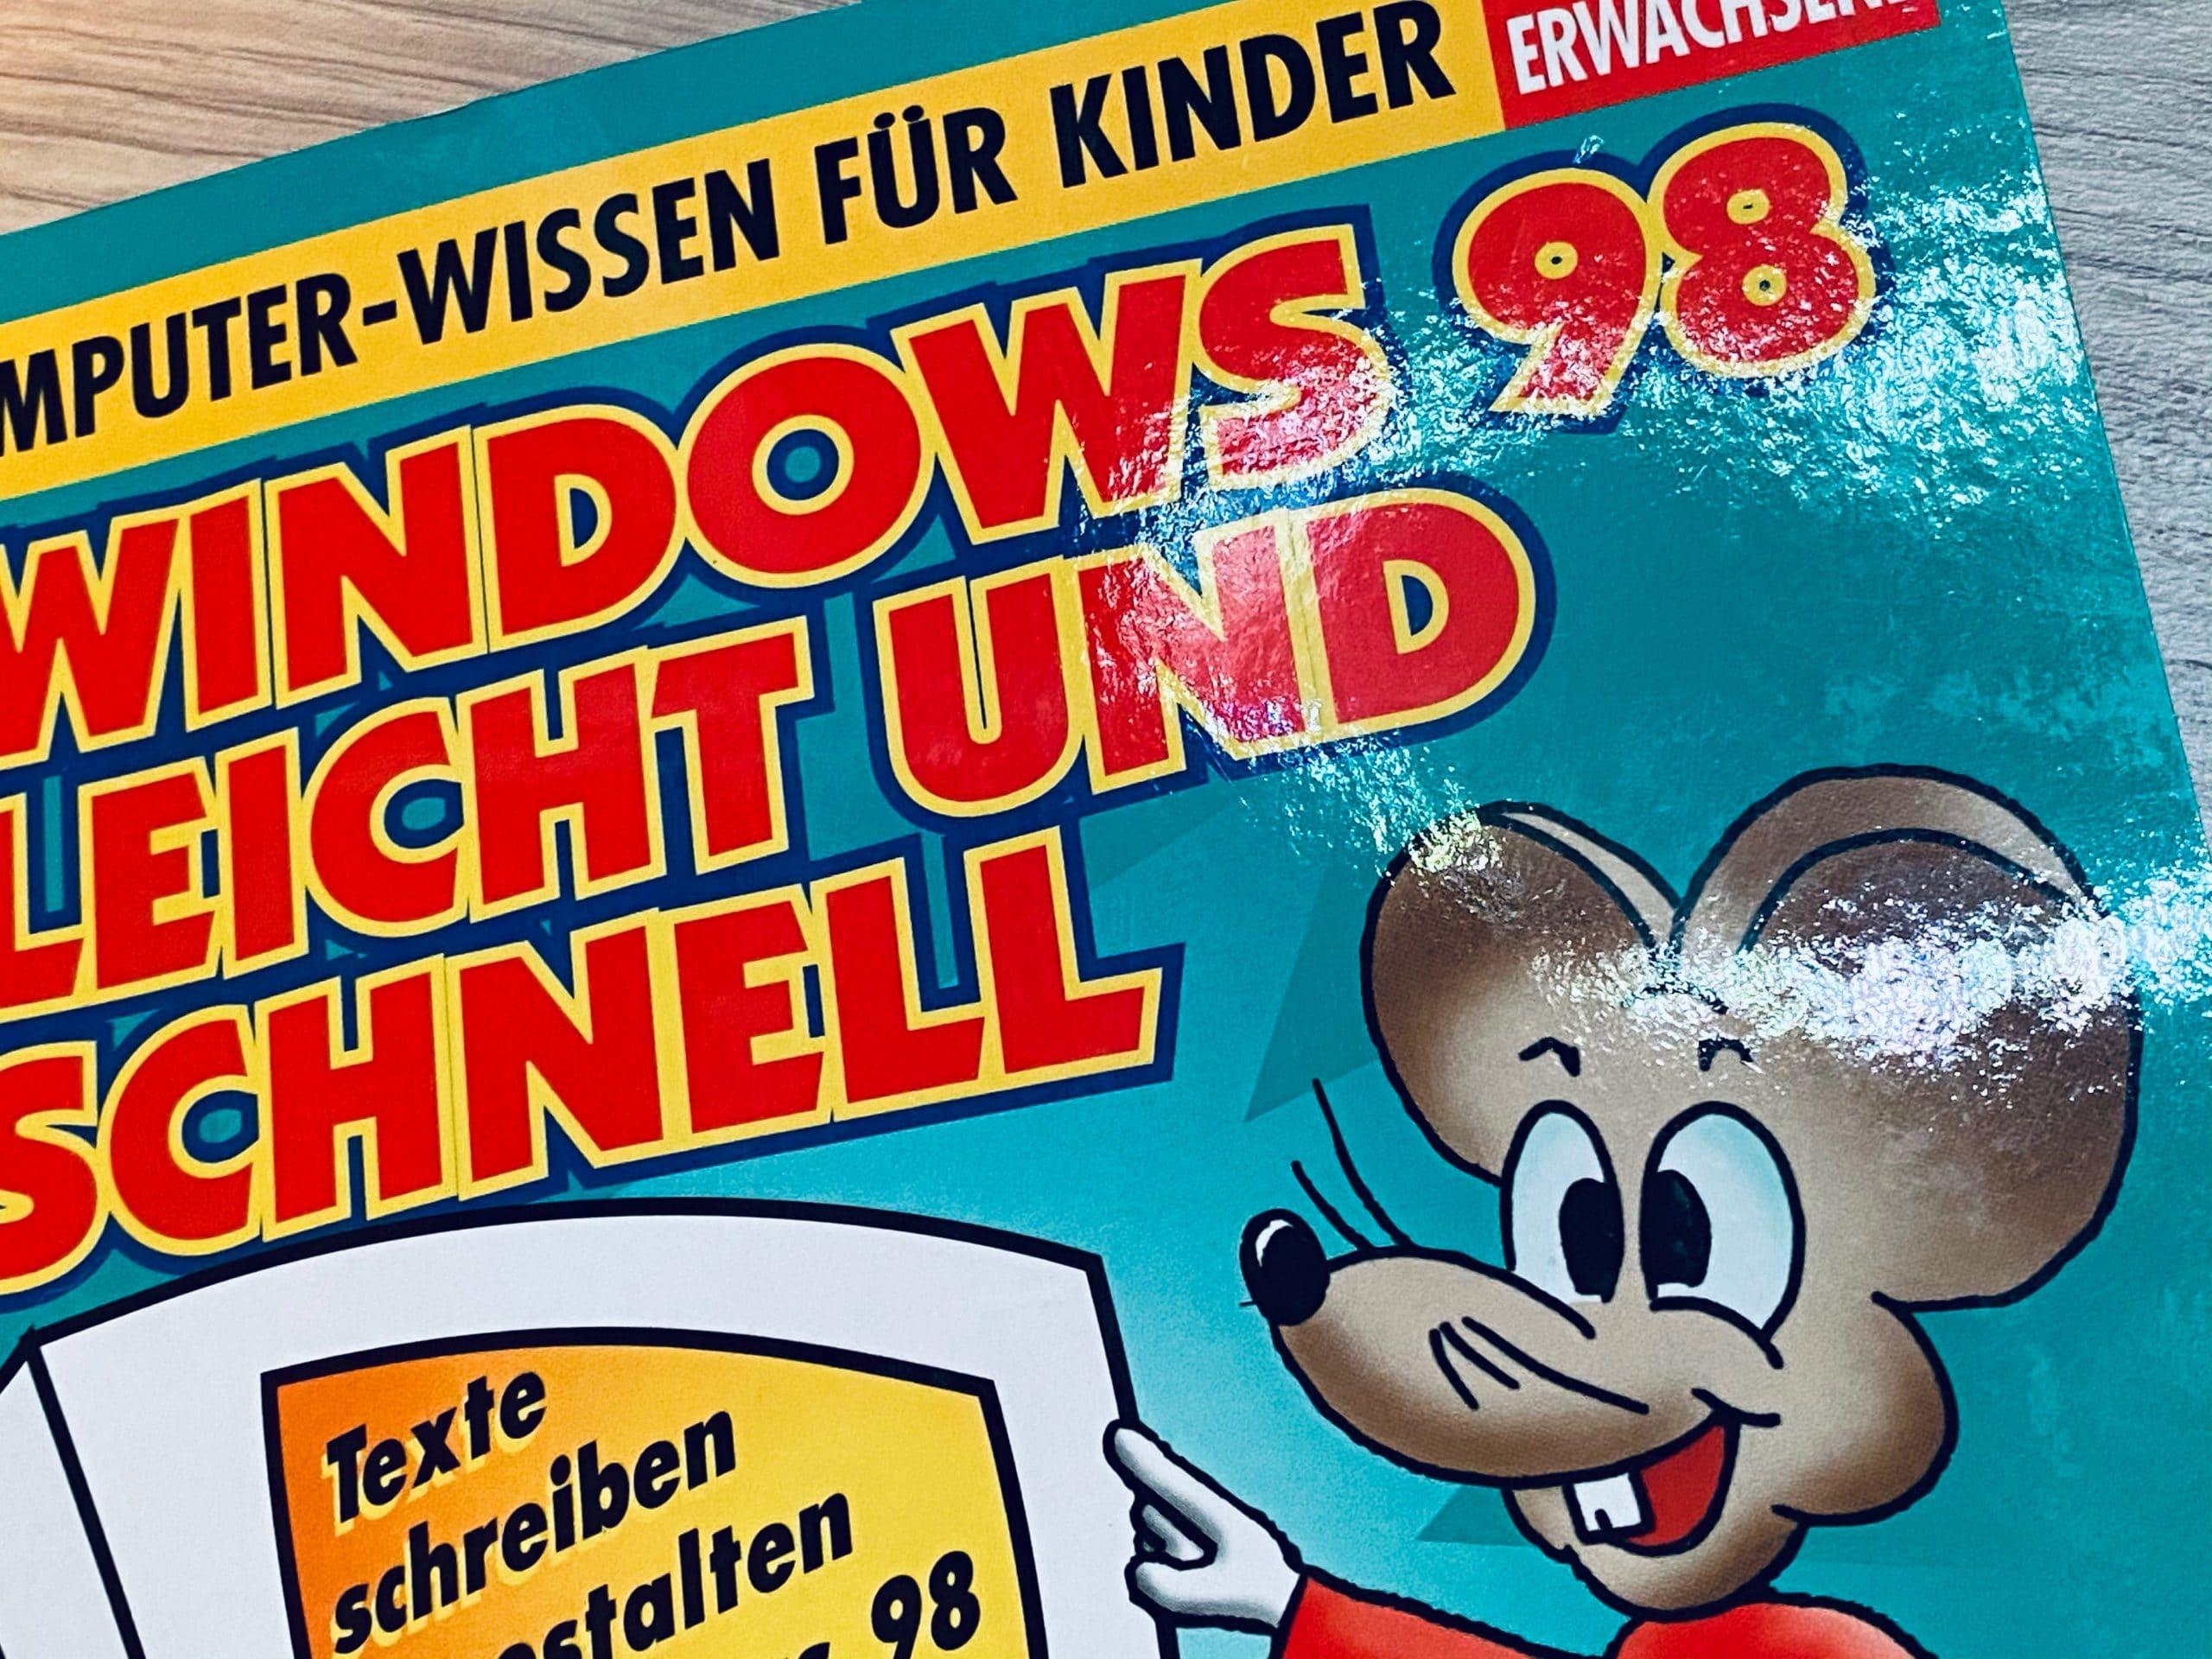 Computer-Wissen für Kinder: Windows 98